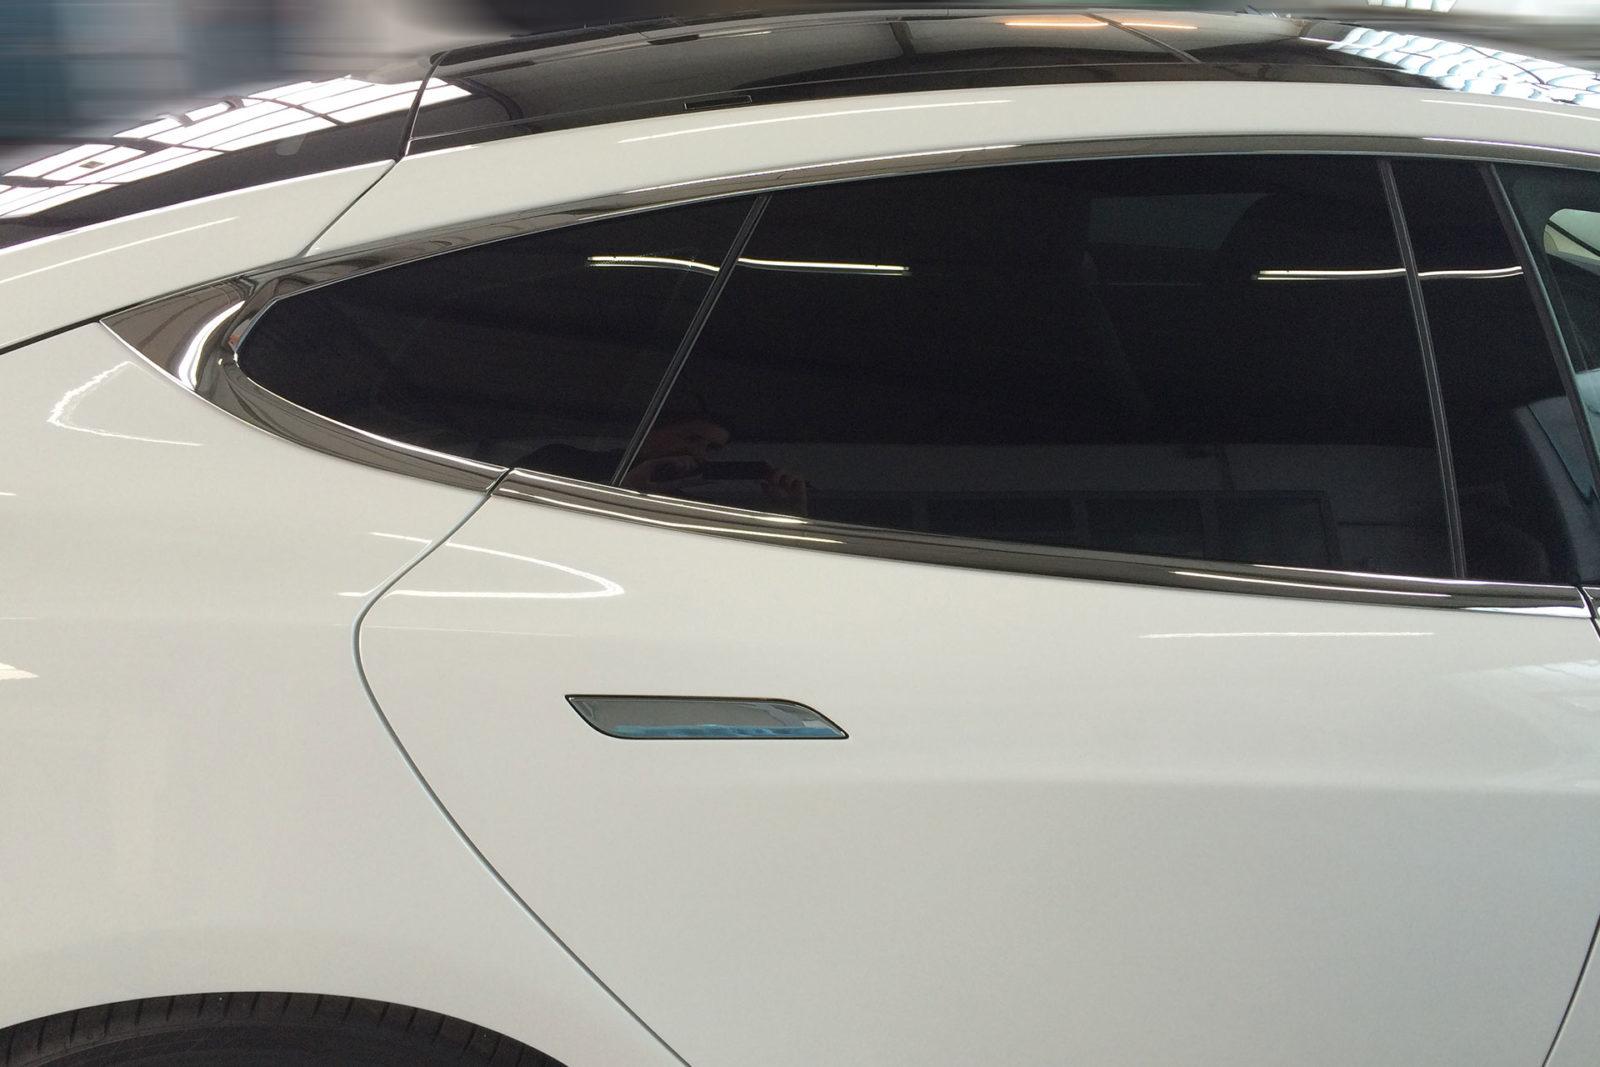 Autofolien - Tönungsfolien für Autos zur individuellen Gestaltung Ihres Fahrzeuges.